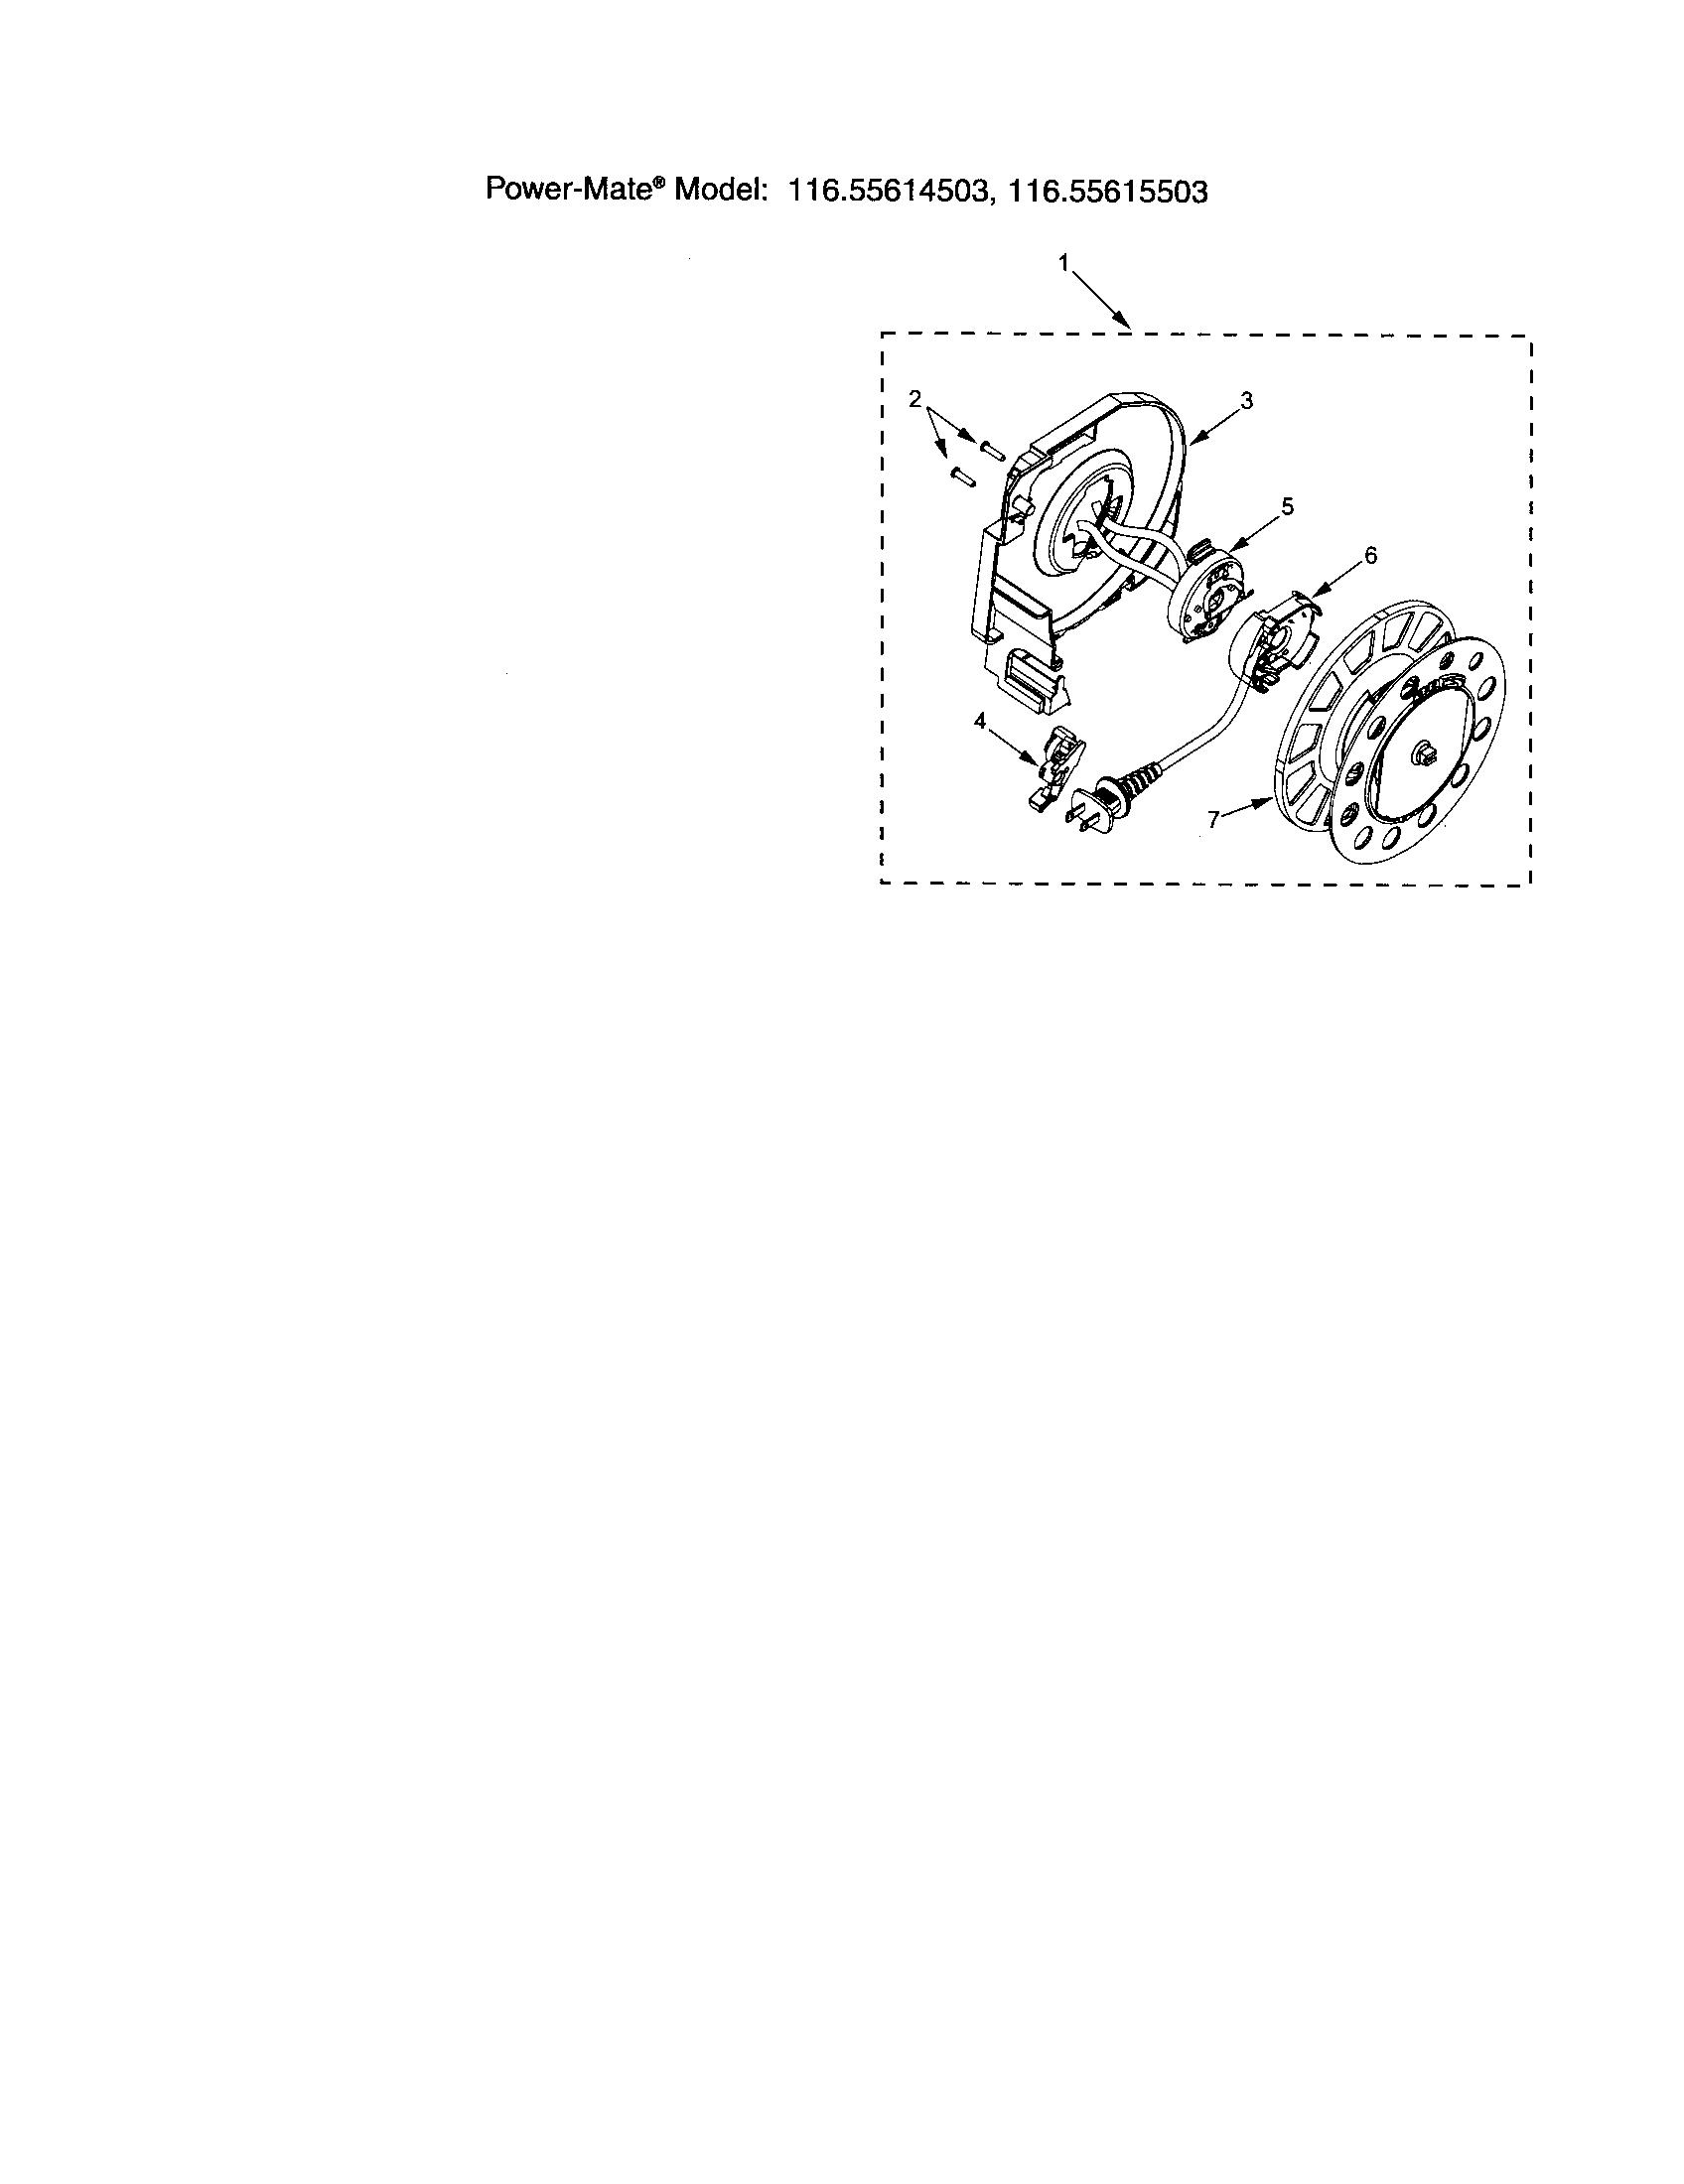 Diagram Wiring 11625614503 Engine Mounting Diagram – Diagram Wiring 11625614503